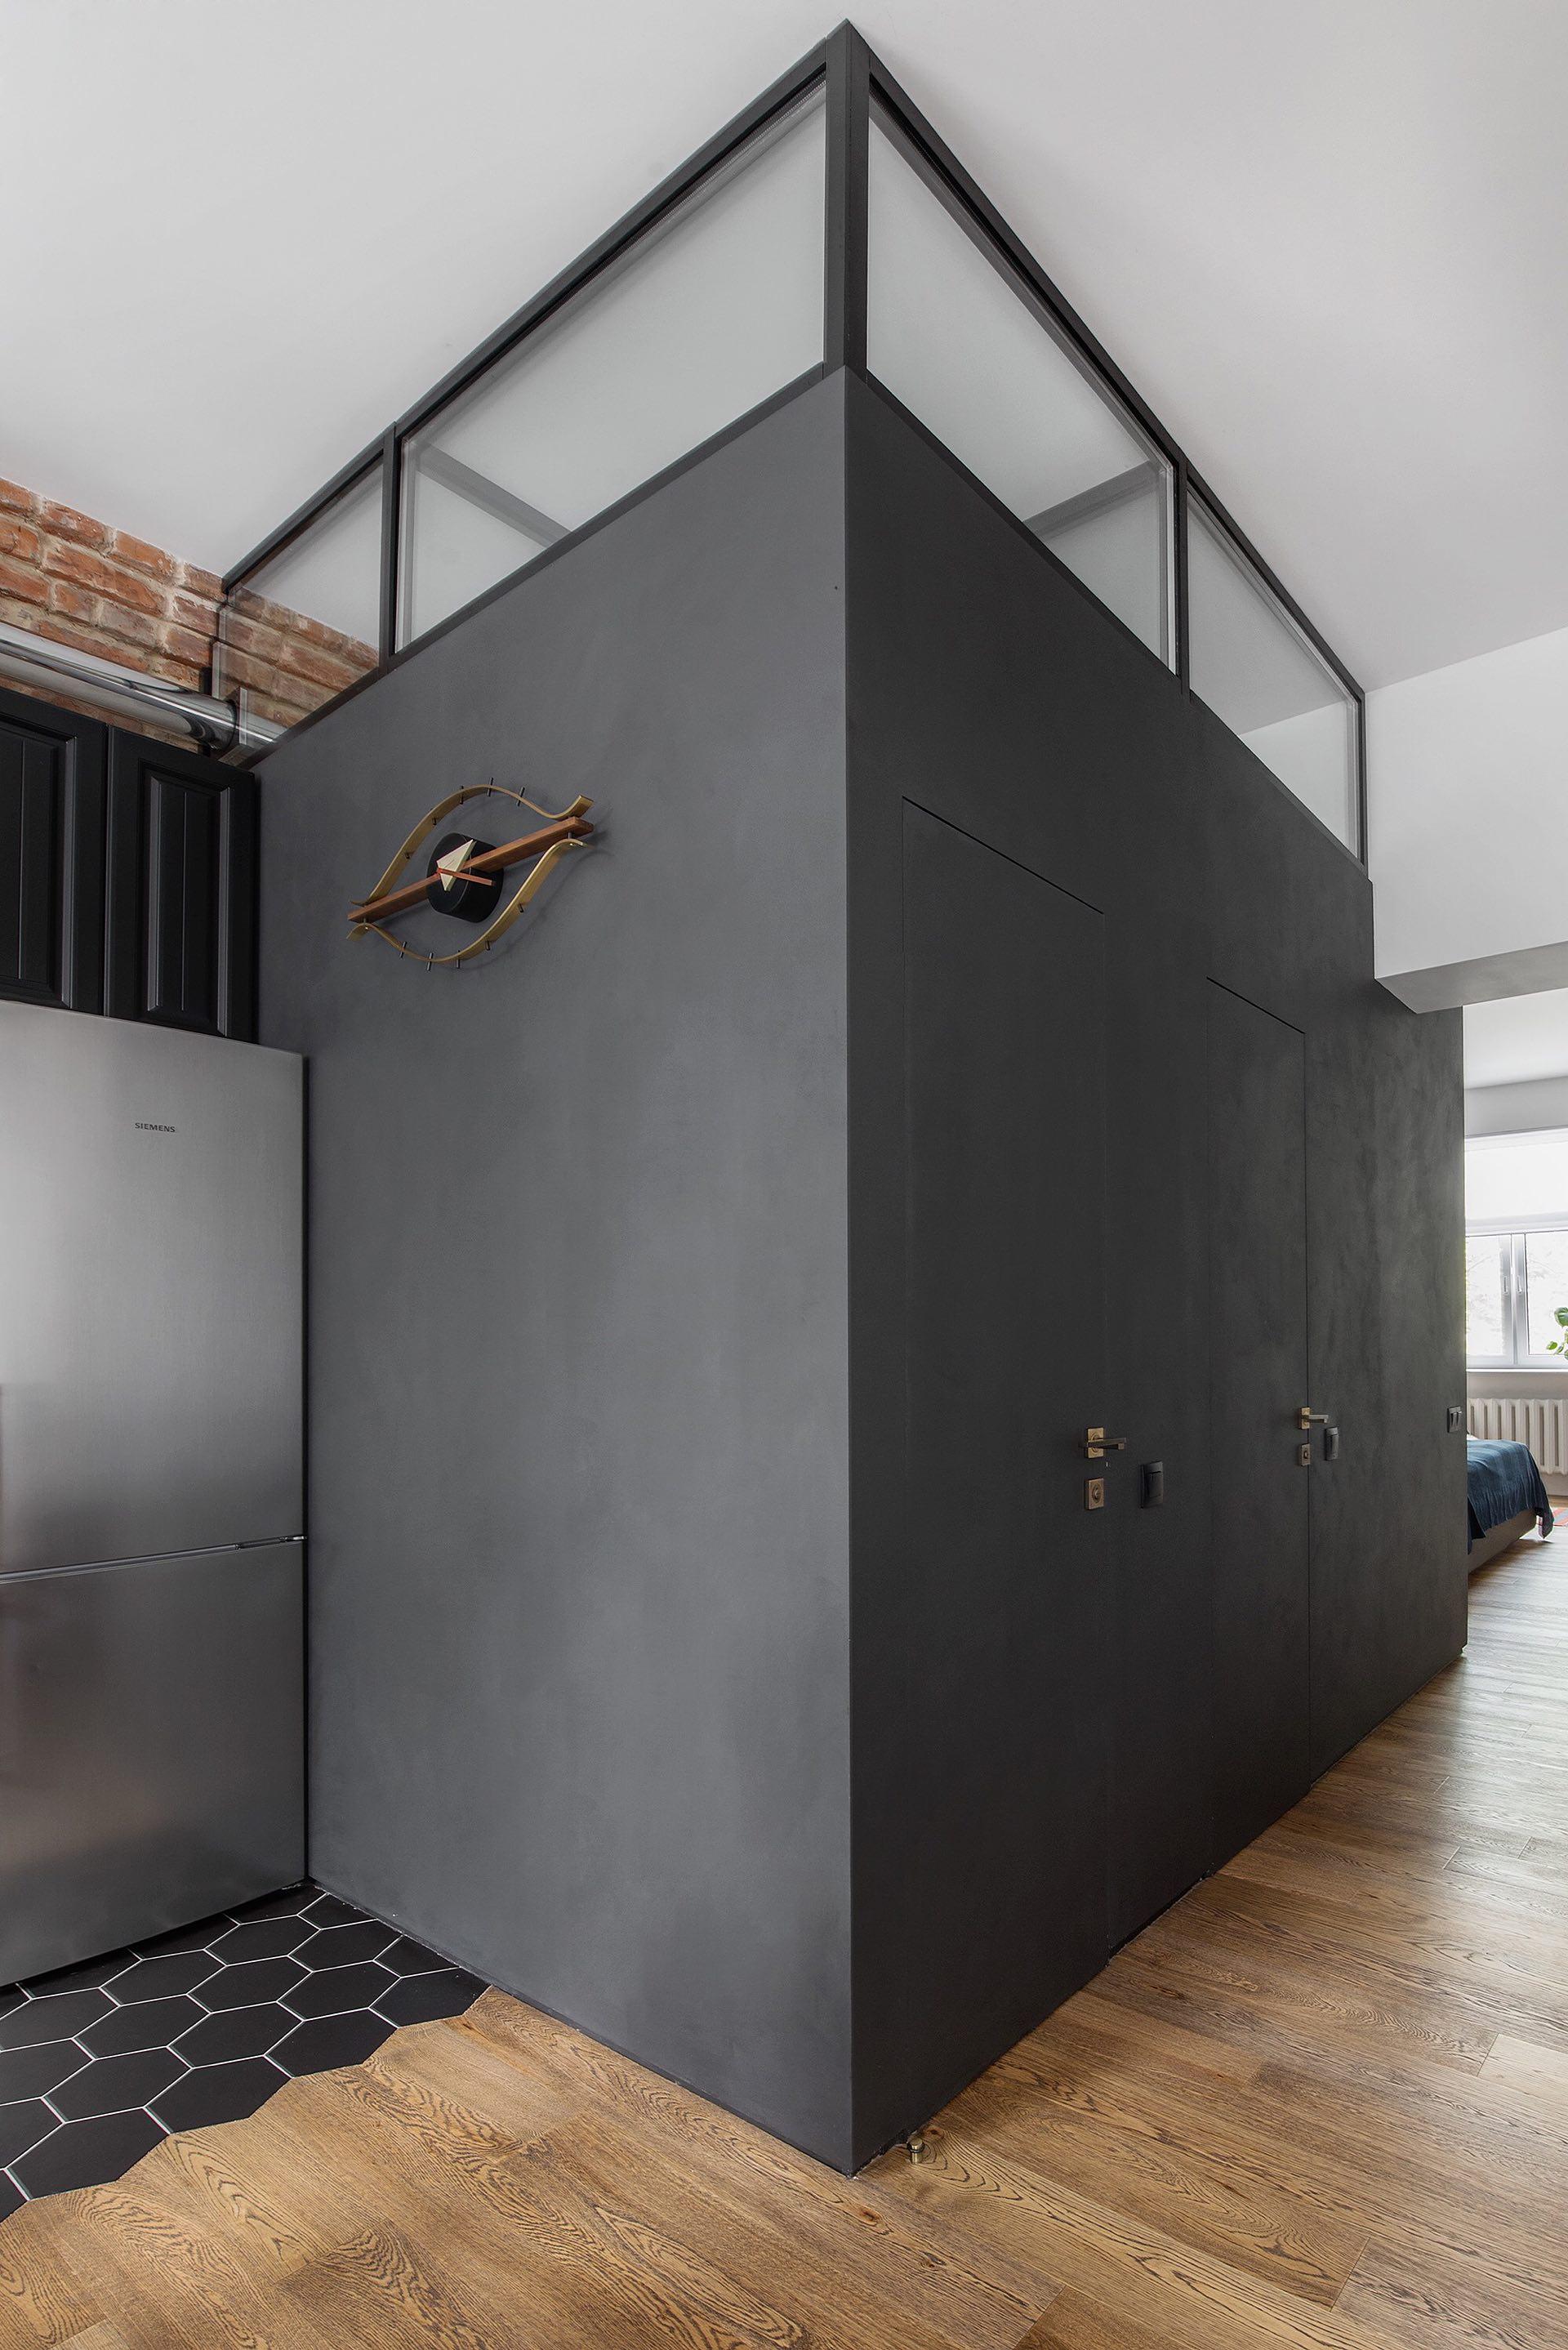 холодильник черные серые стены двери